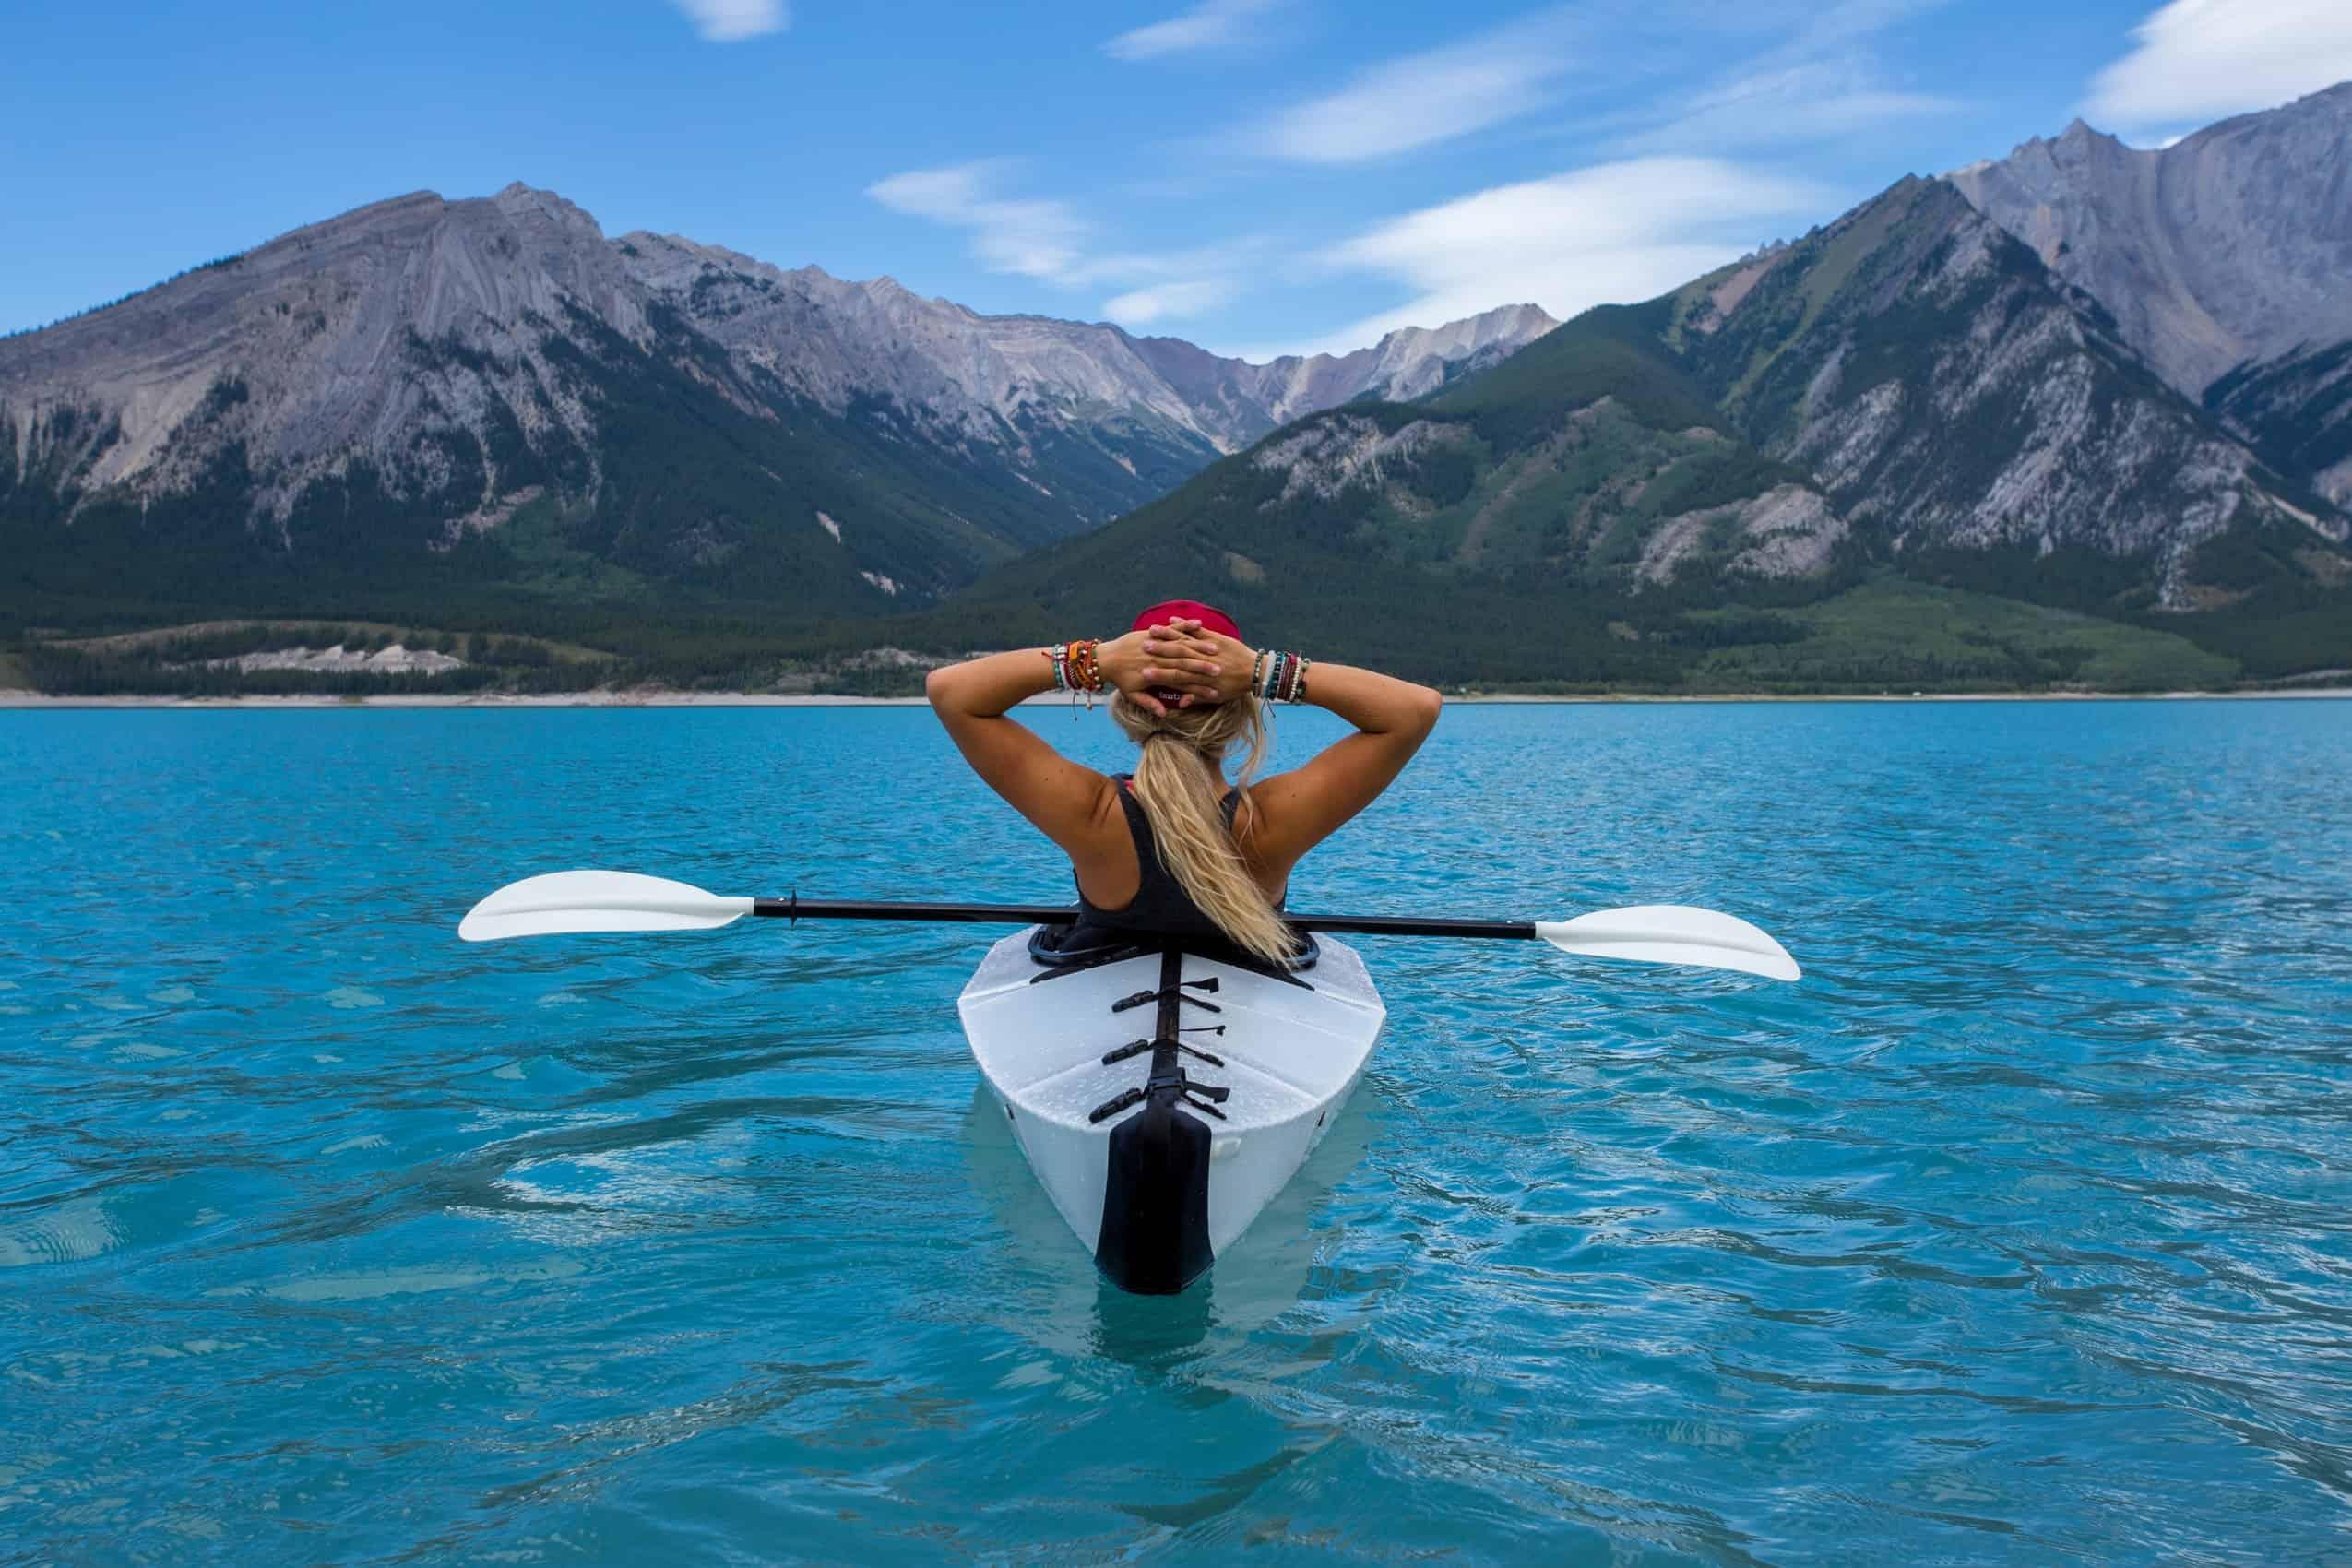 Jakie ubezpieczenie turystyczne wybrać i gdzie najlepiej je kupić?